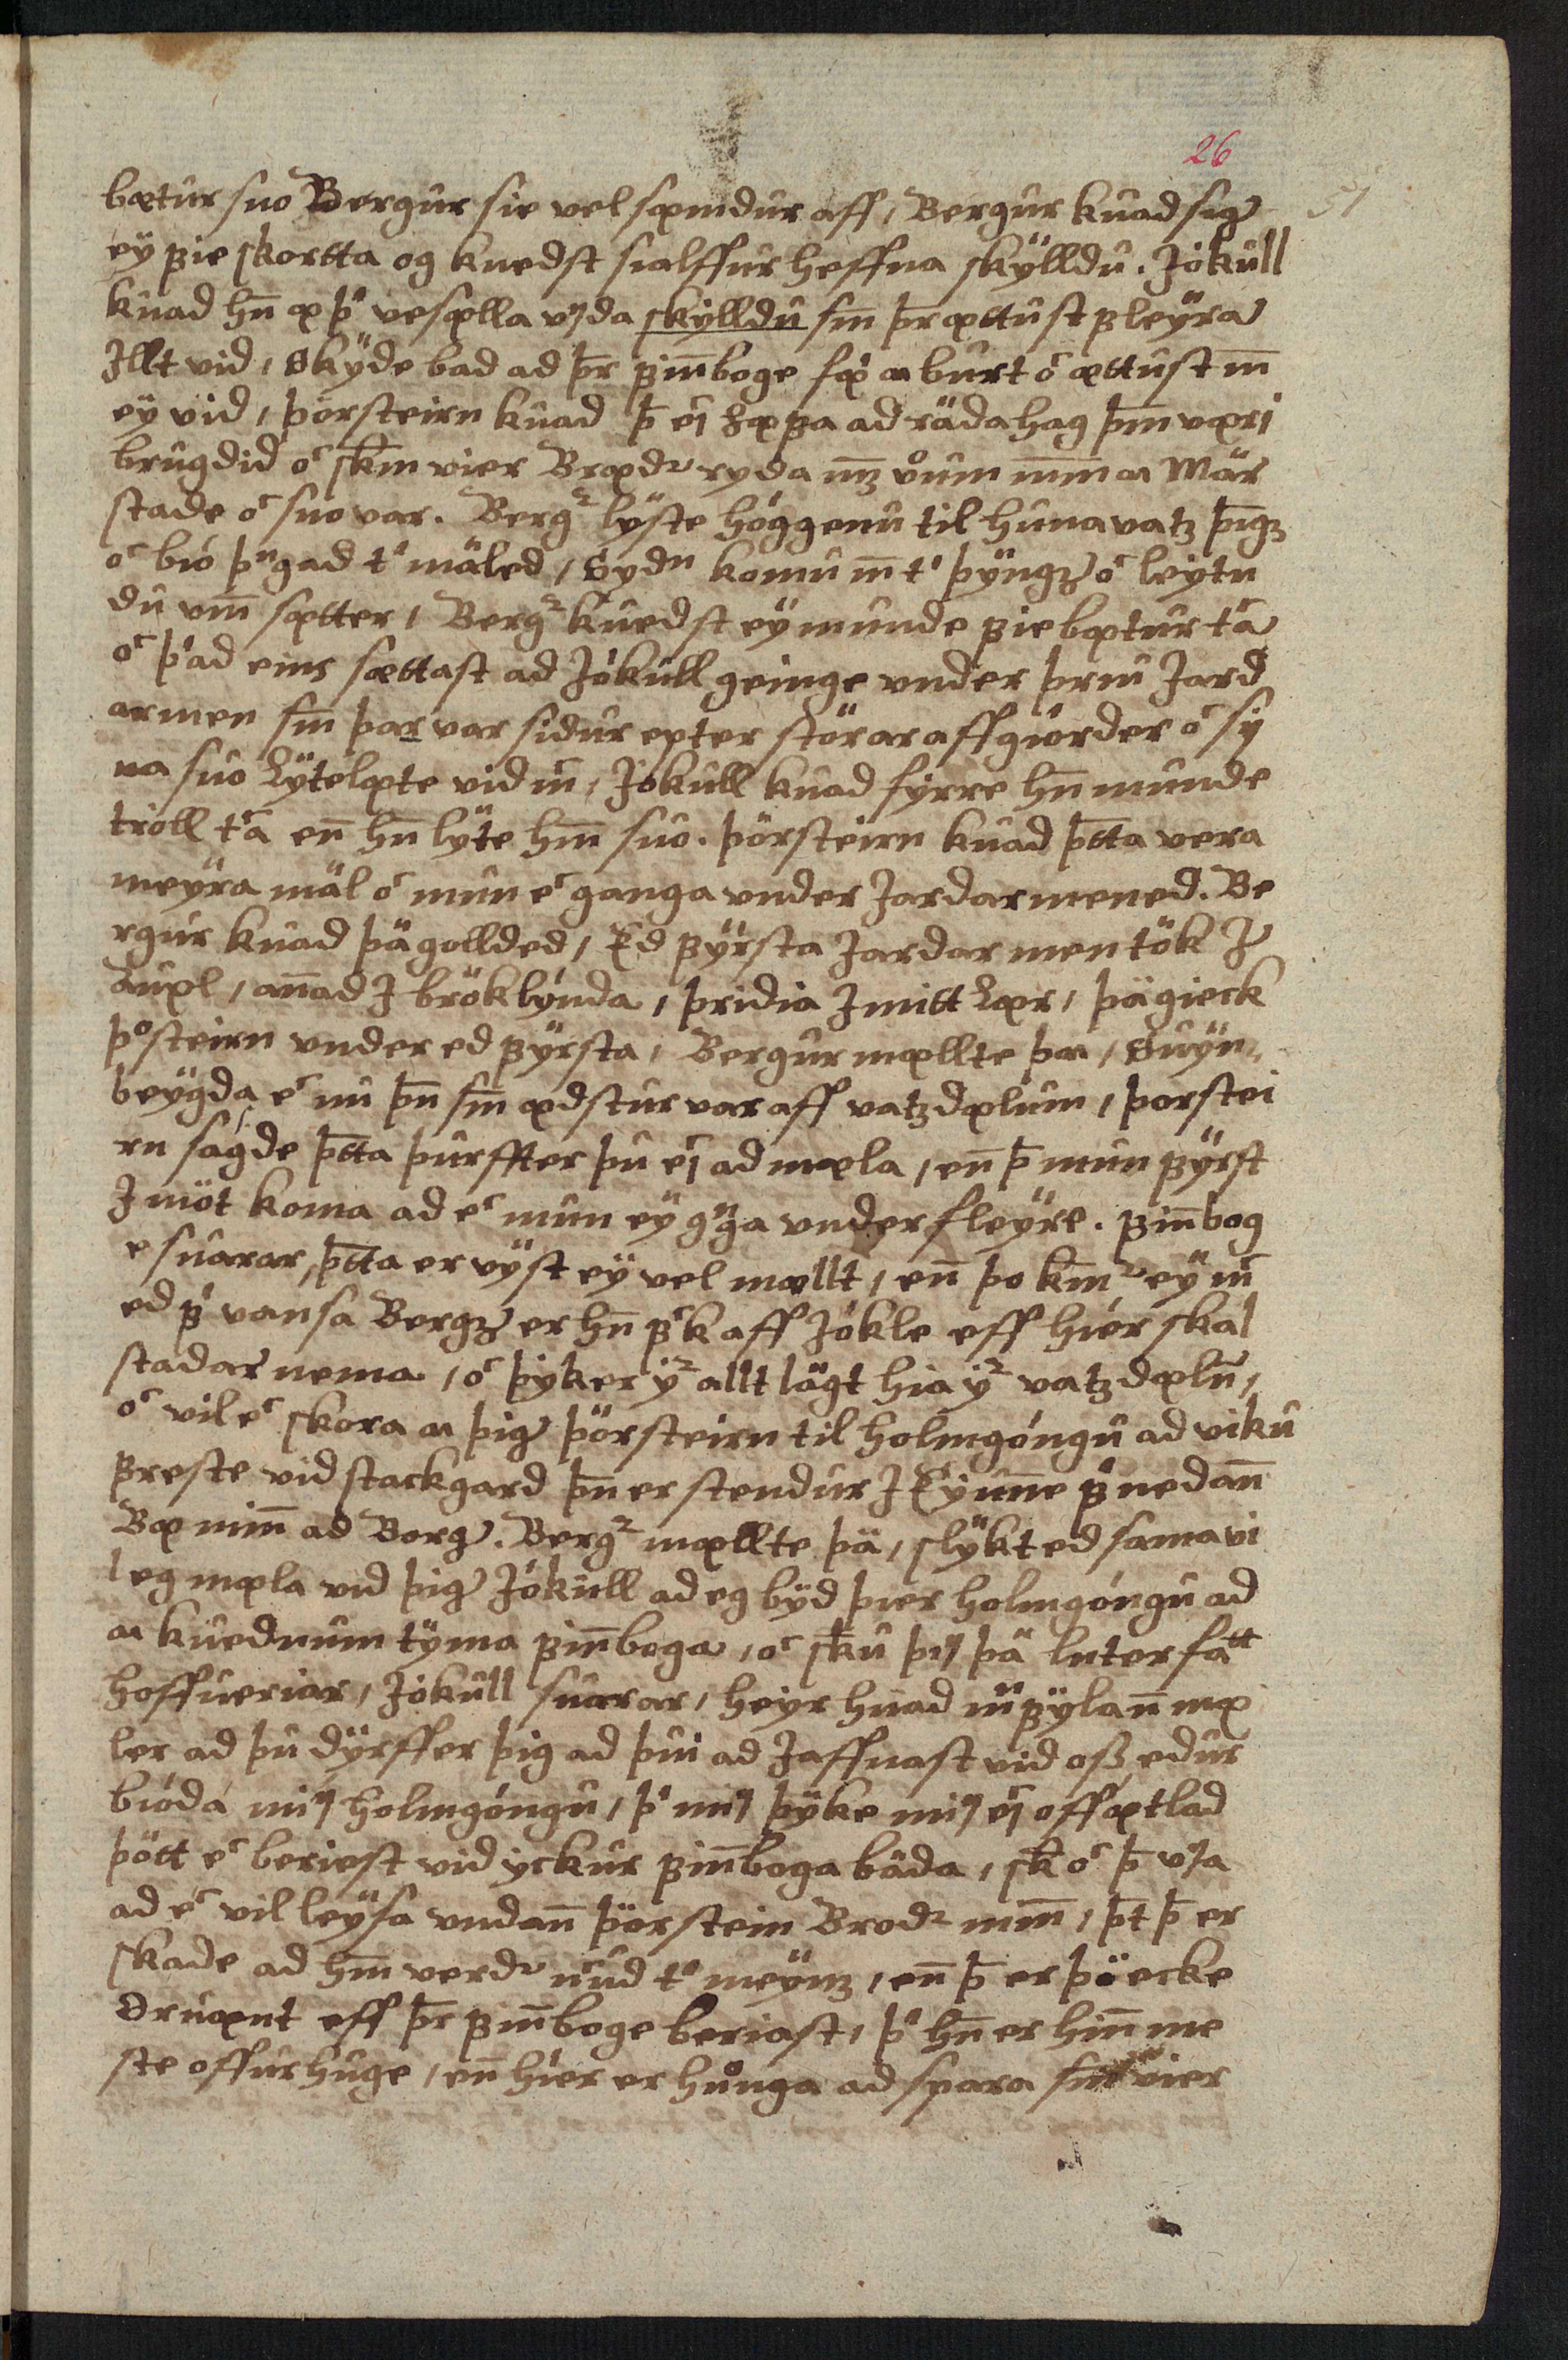 AM 138 fol - 26r